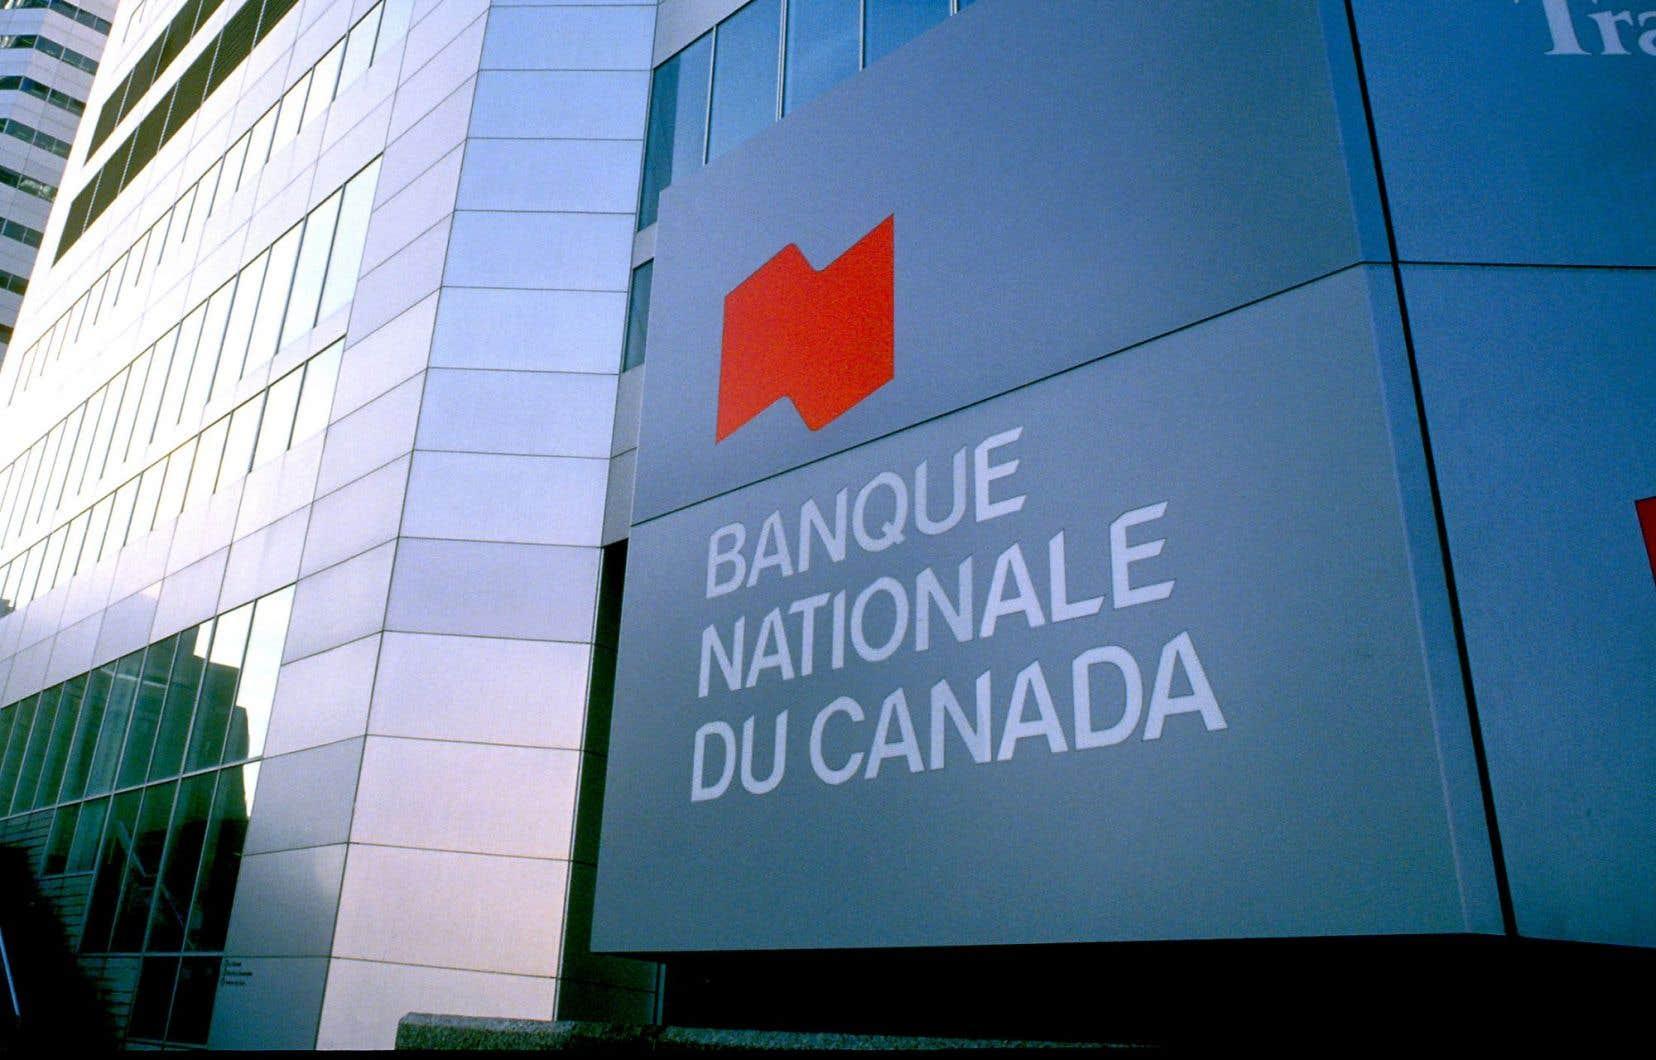 La Banque Nationale a entrepris d'inciter ses clients à être particulièrement vigilants vis-à-vis des tentatives de hameçonnage.